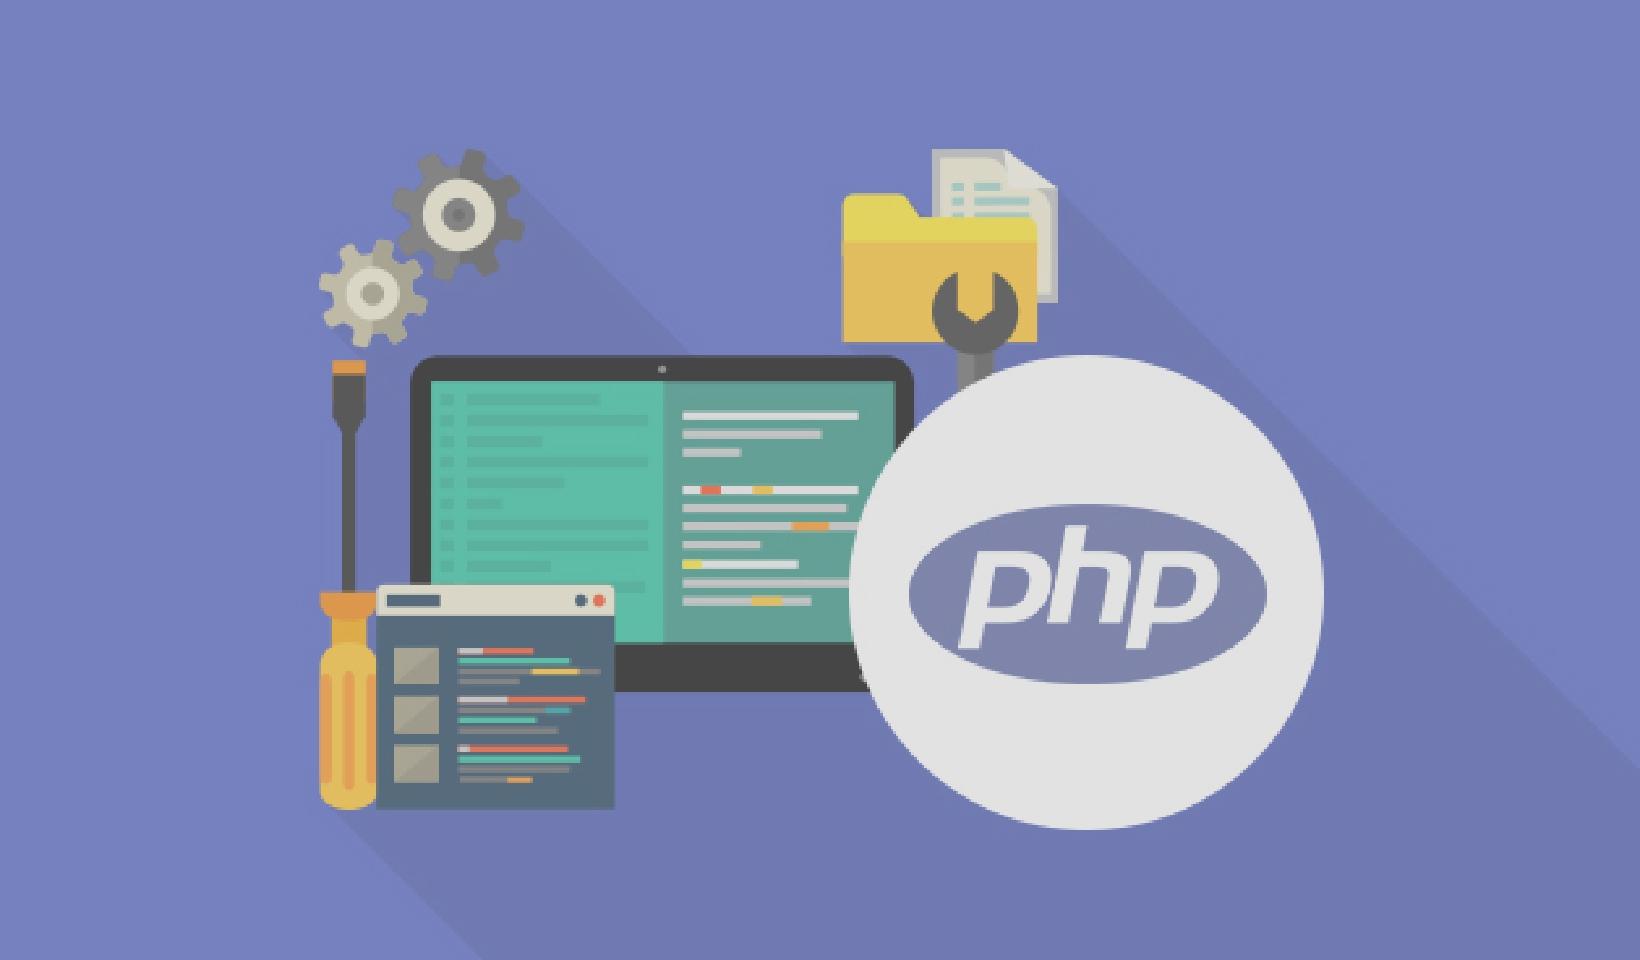 php, php'de sabitler, php de sabitler, php de sabit değişken, php de sabit tanımlama, php sabit tanımlama, php öğren, php yazılım, php kodlama